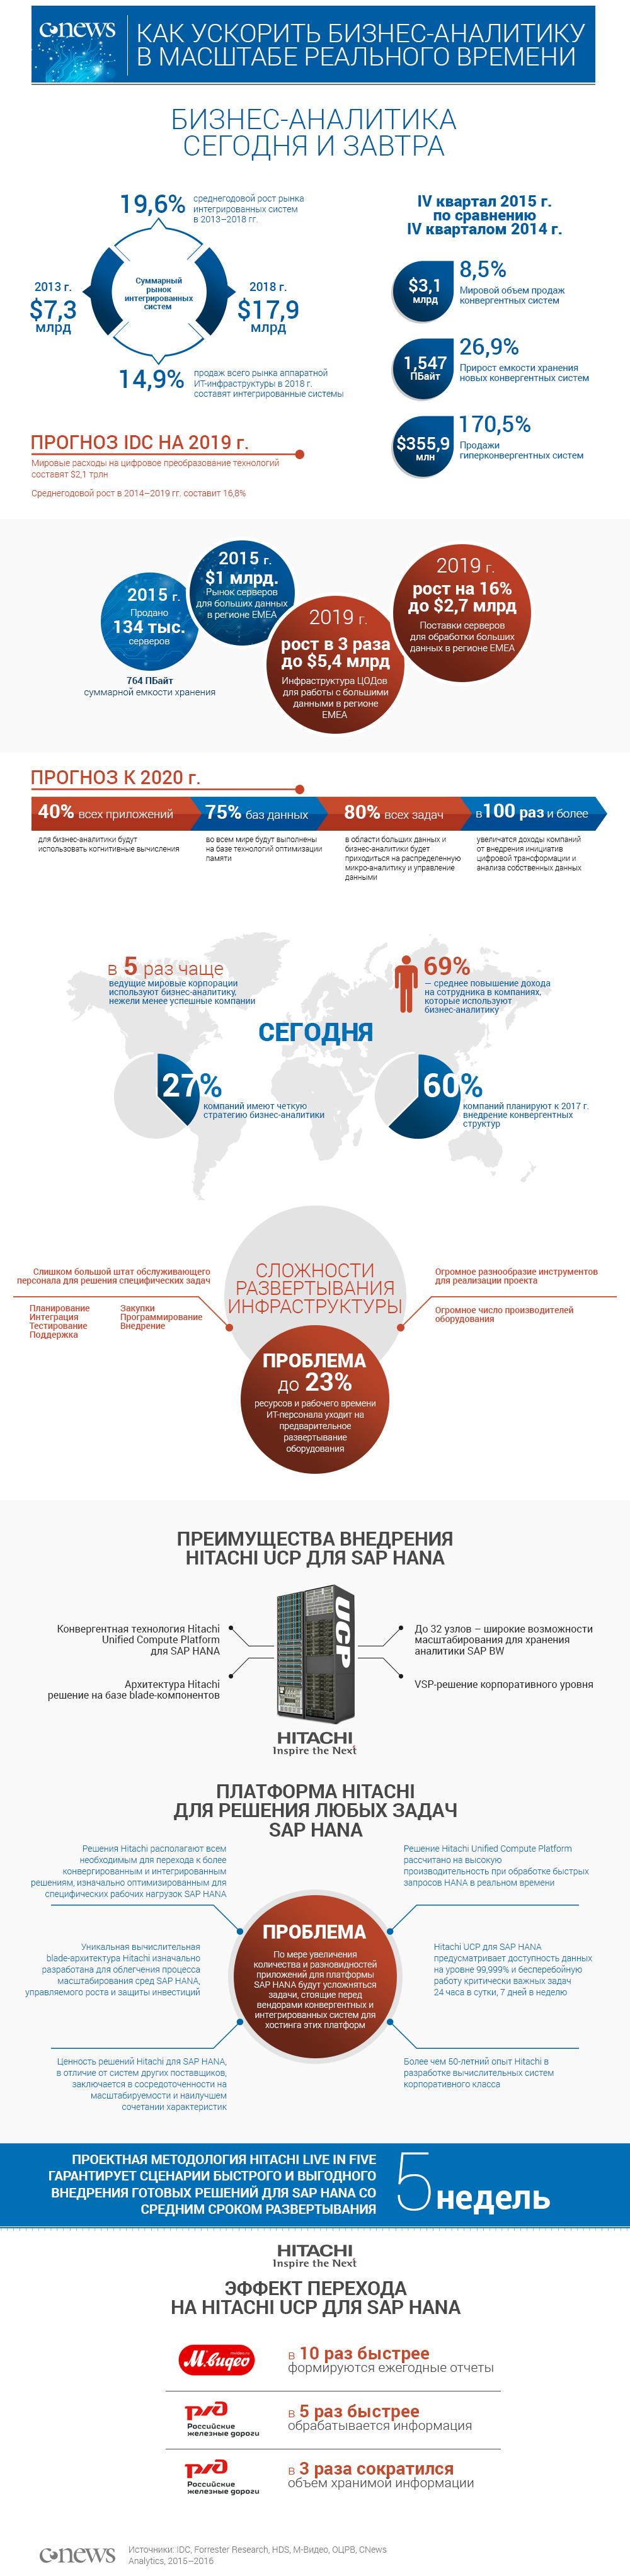 infografika_22.jpg